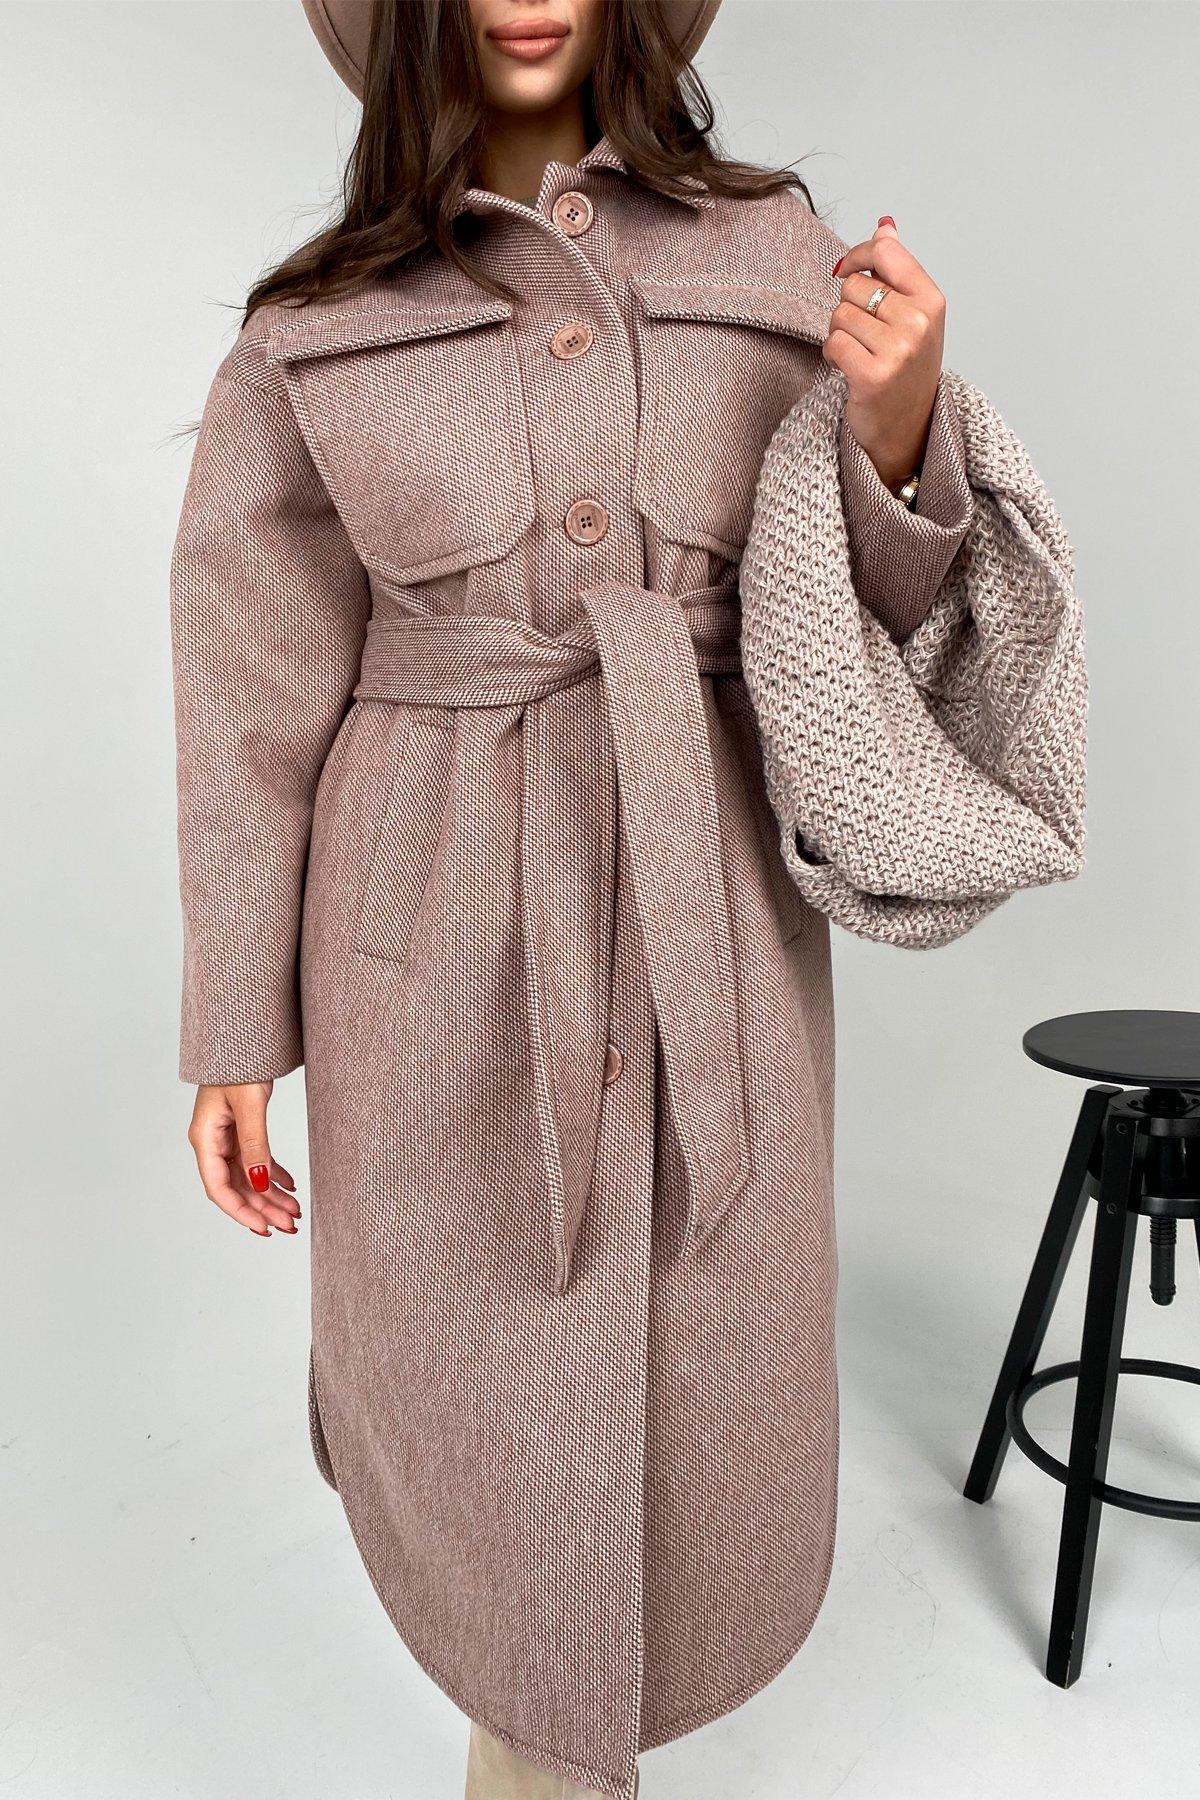 Ола модена пальтовая ткань зима Шарф пальто 10217 АРТ. 46506 Цвет: Светлый шоколад - фото 4, интернет магазин tm-modus.ru